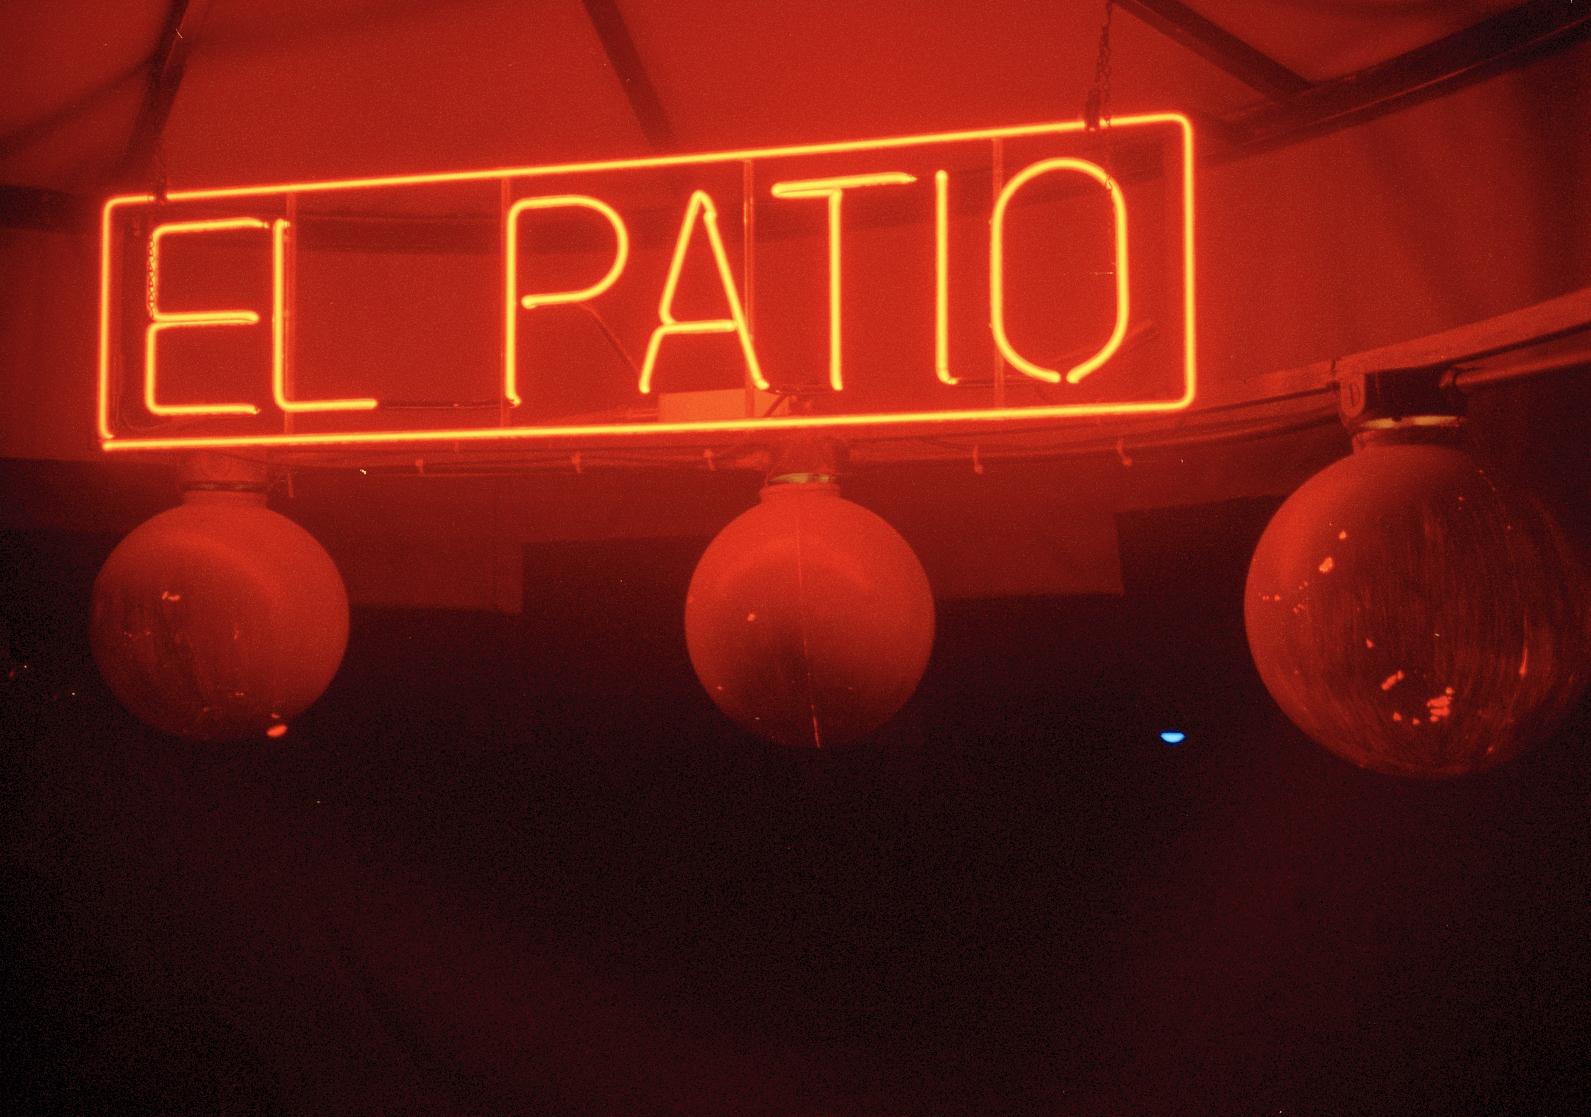 EL PATIO.jpg